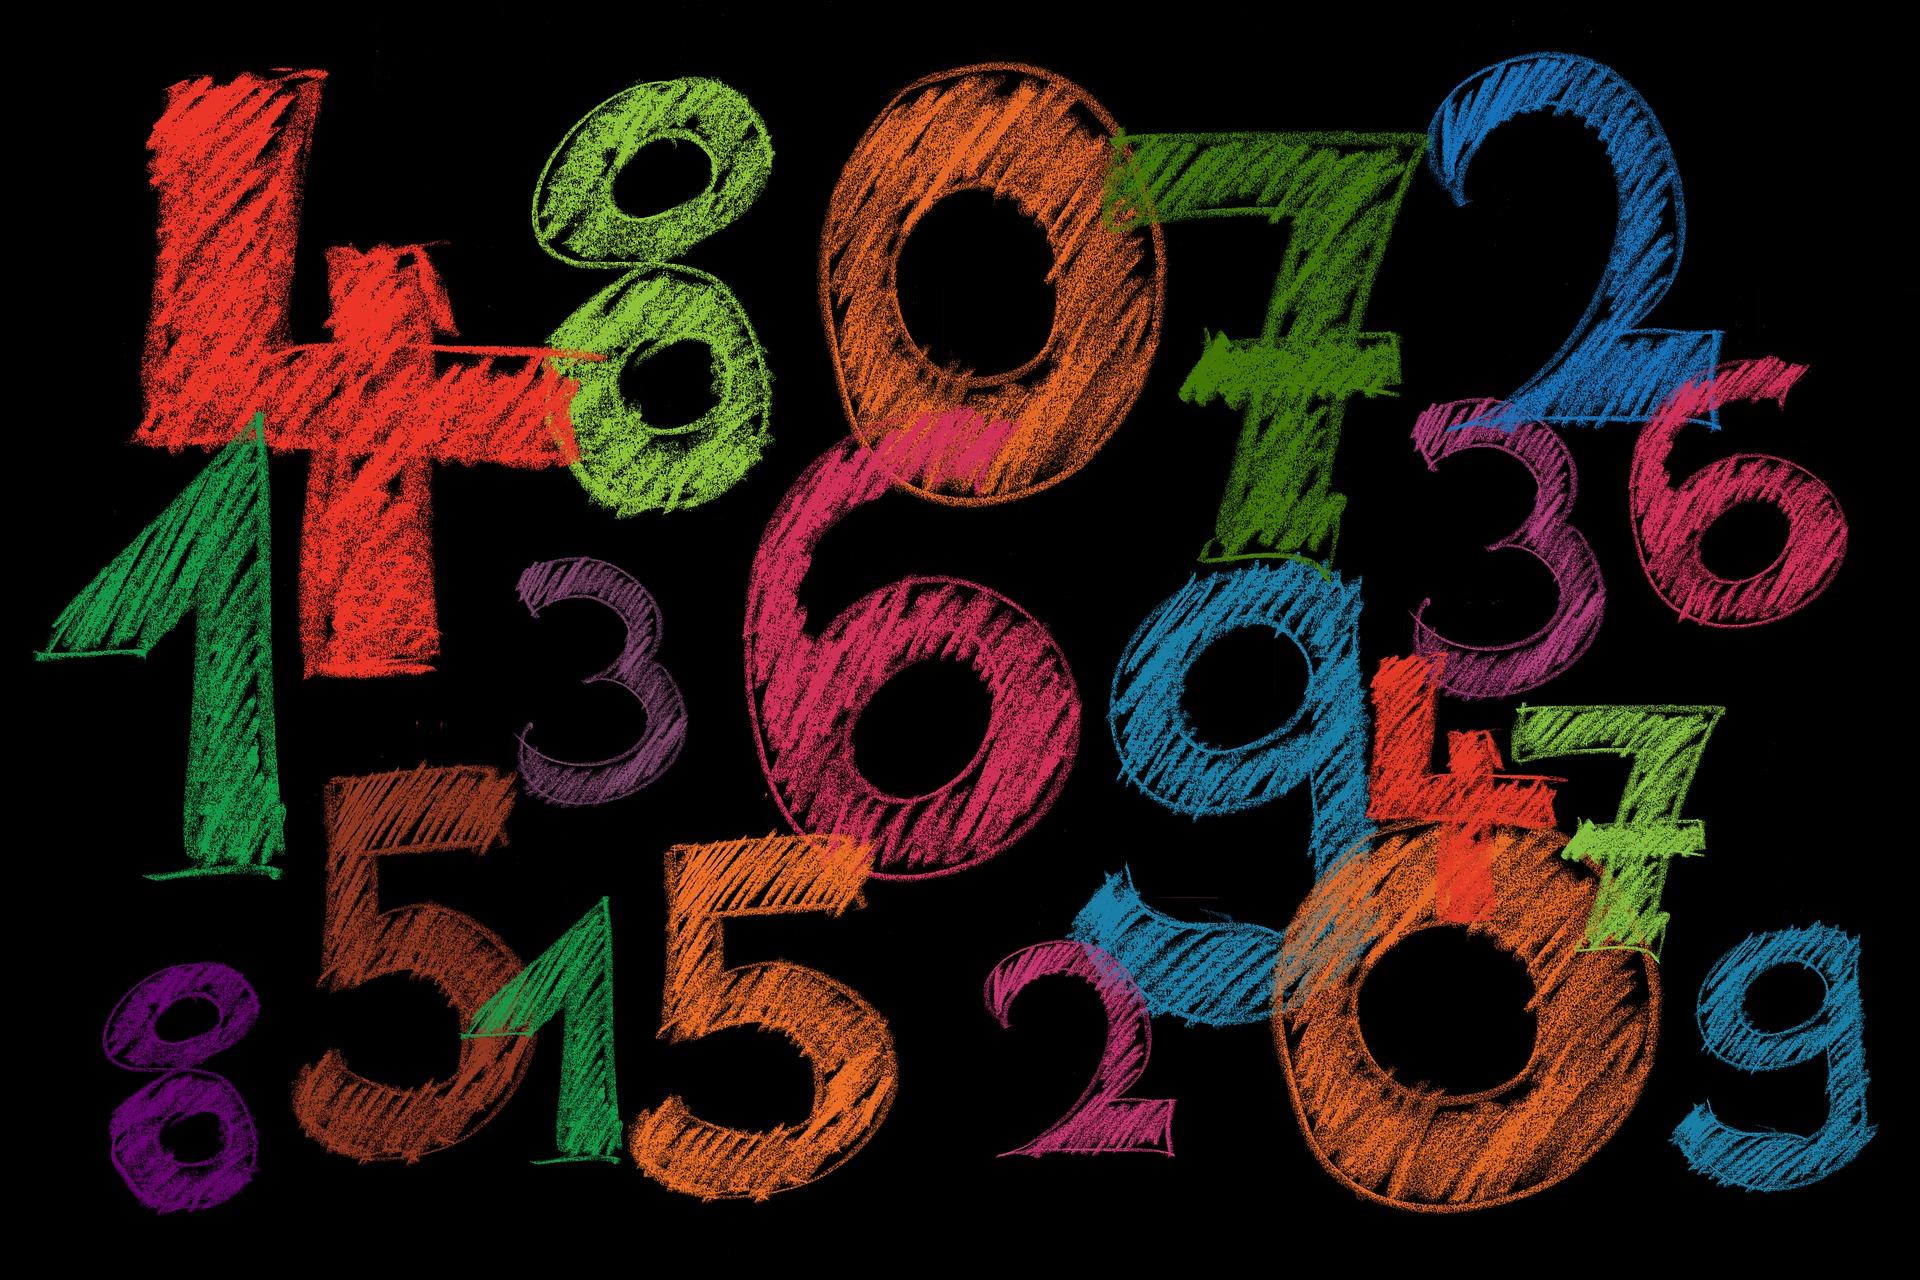 La gran belleza de las Matemáticas - Las Cebras Salen